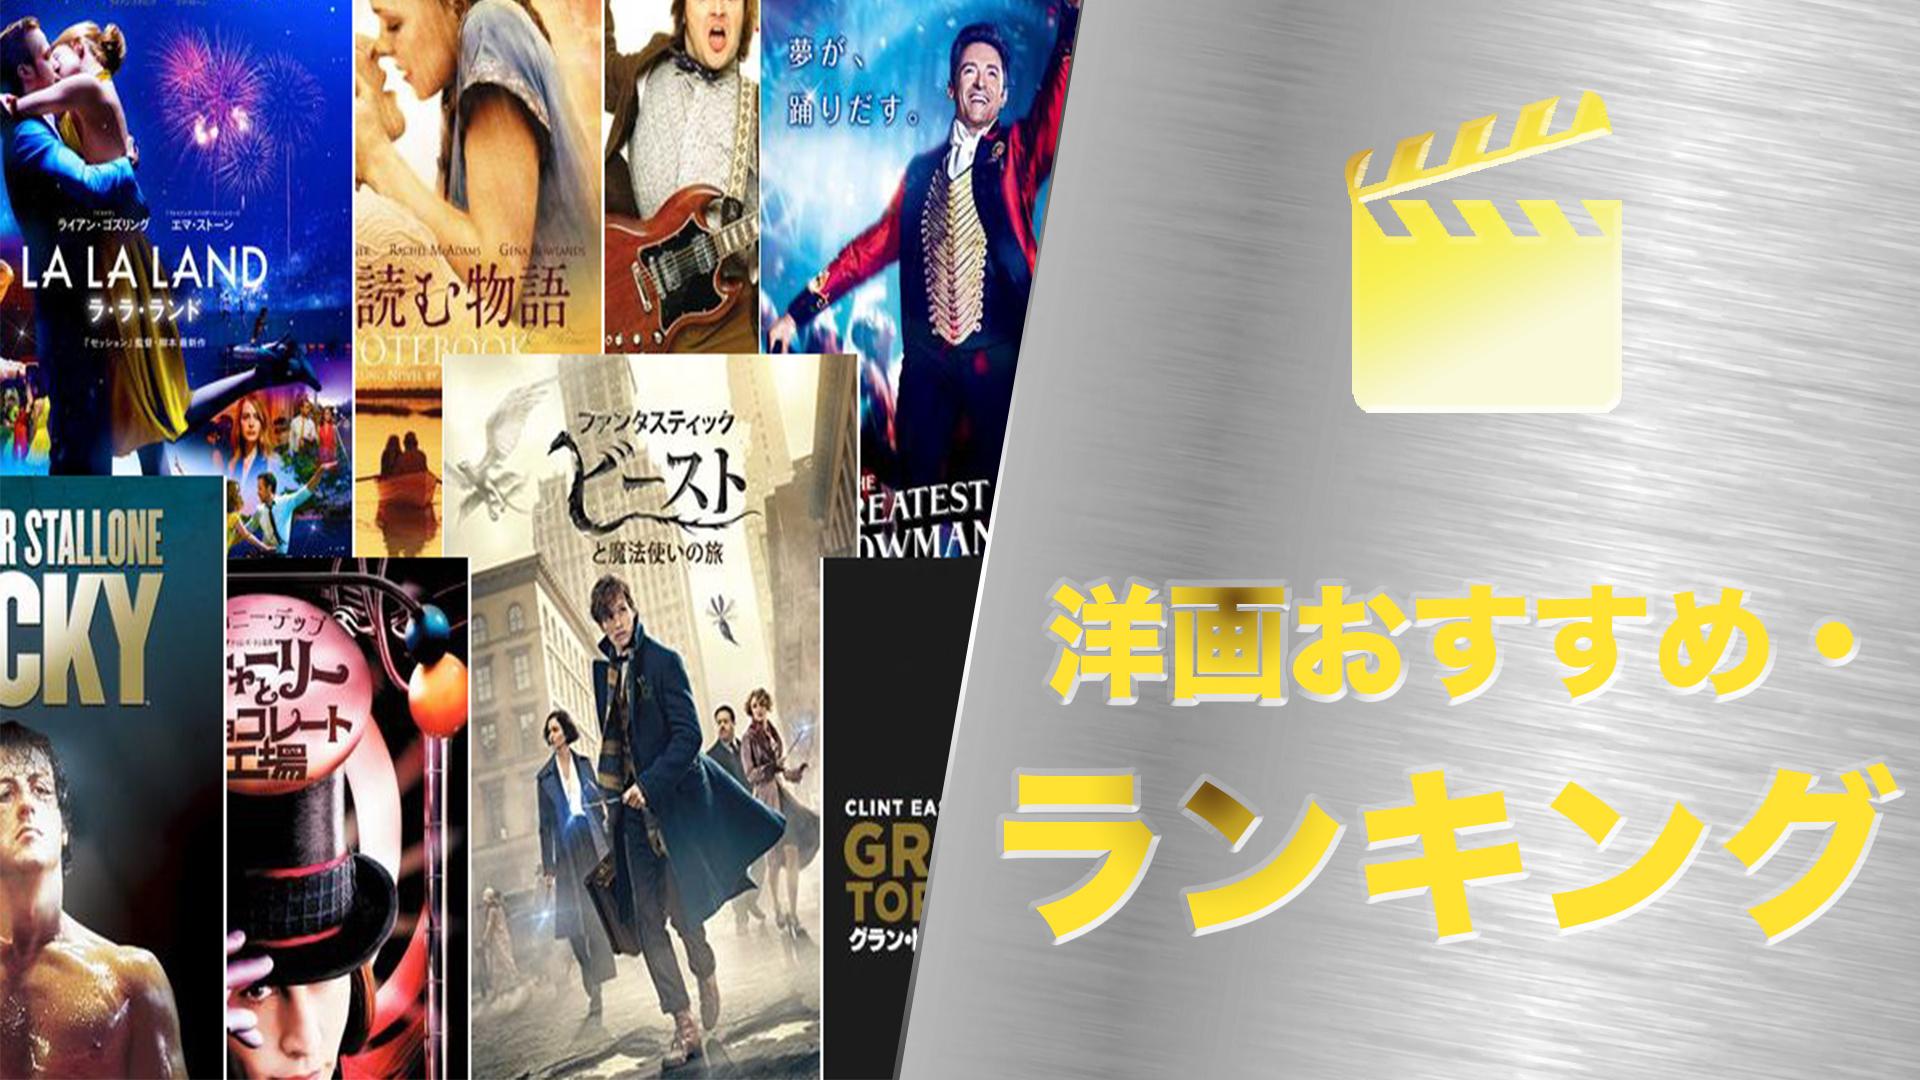 【名作映画】洋画人気おすすめランキング52選!本当に面白い作品はこれ!